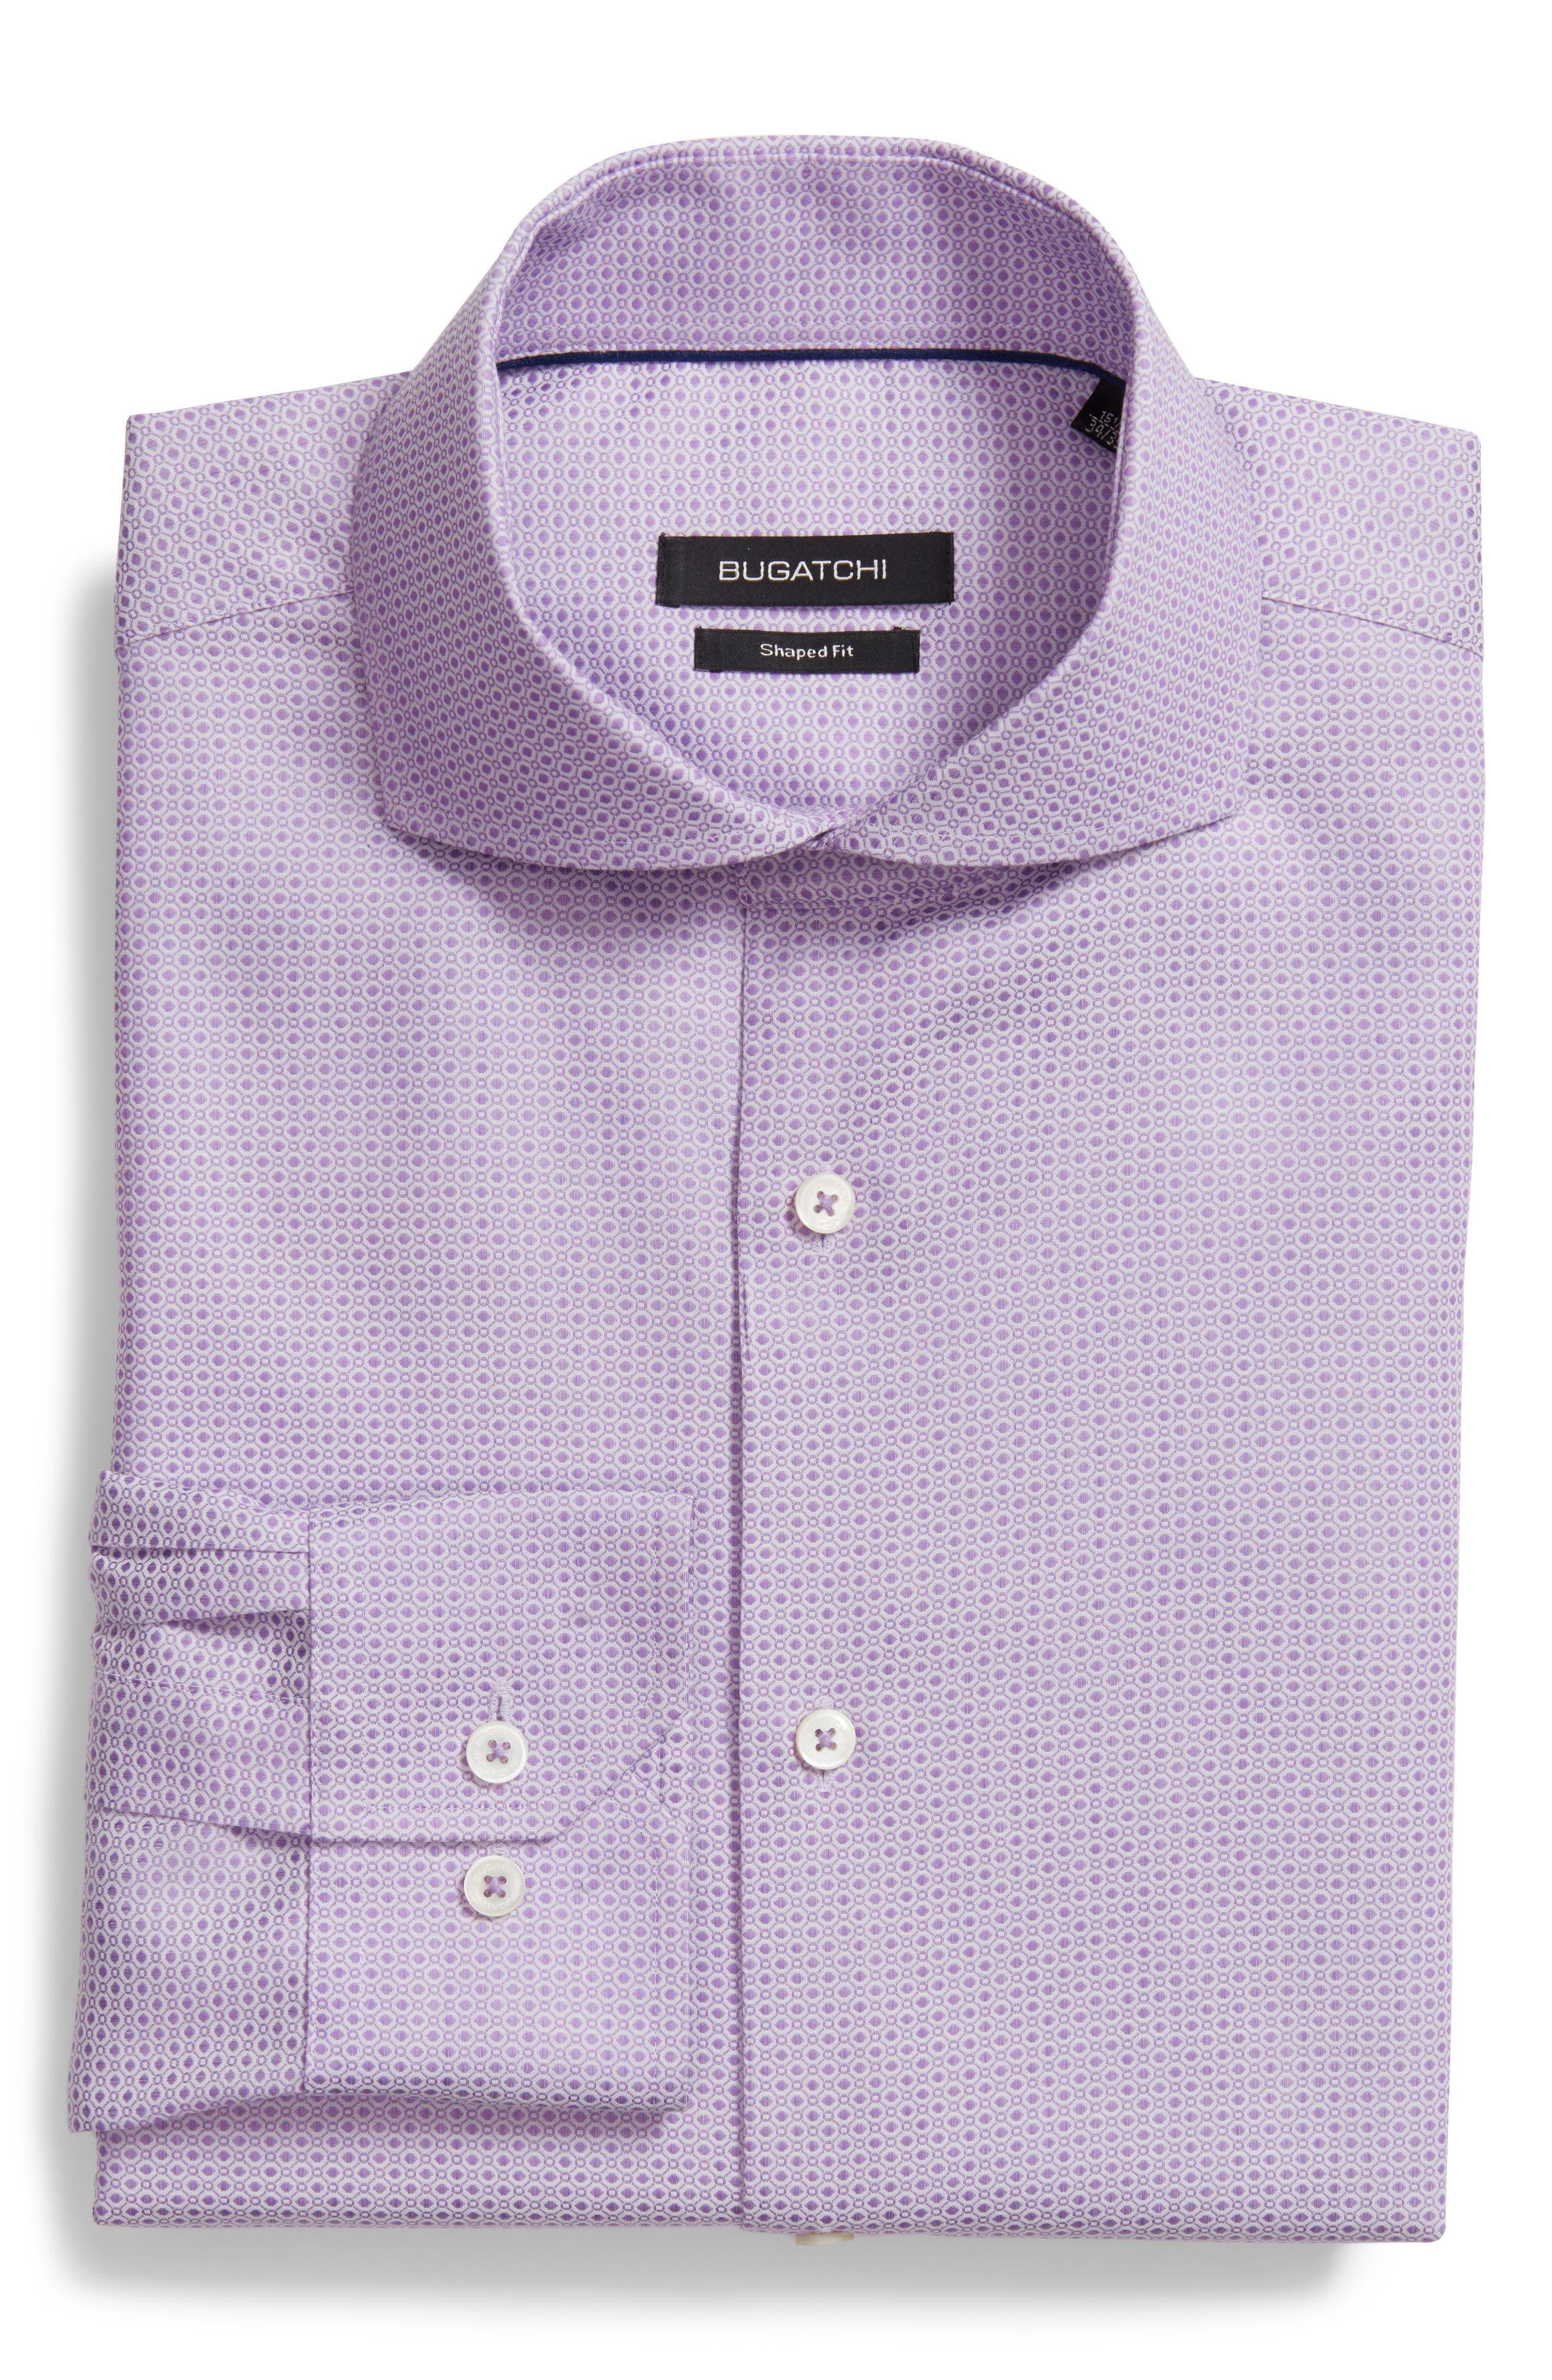 Shaped Fit Geometric Dress Shirt,                             Main thumbnail 1, color,                             Lavender